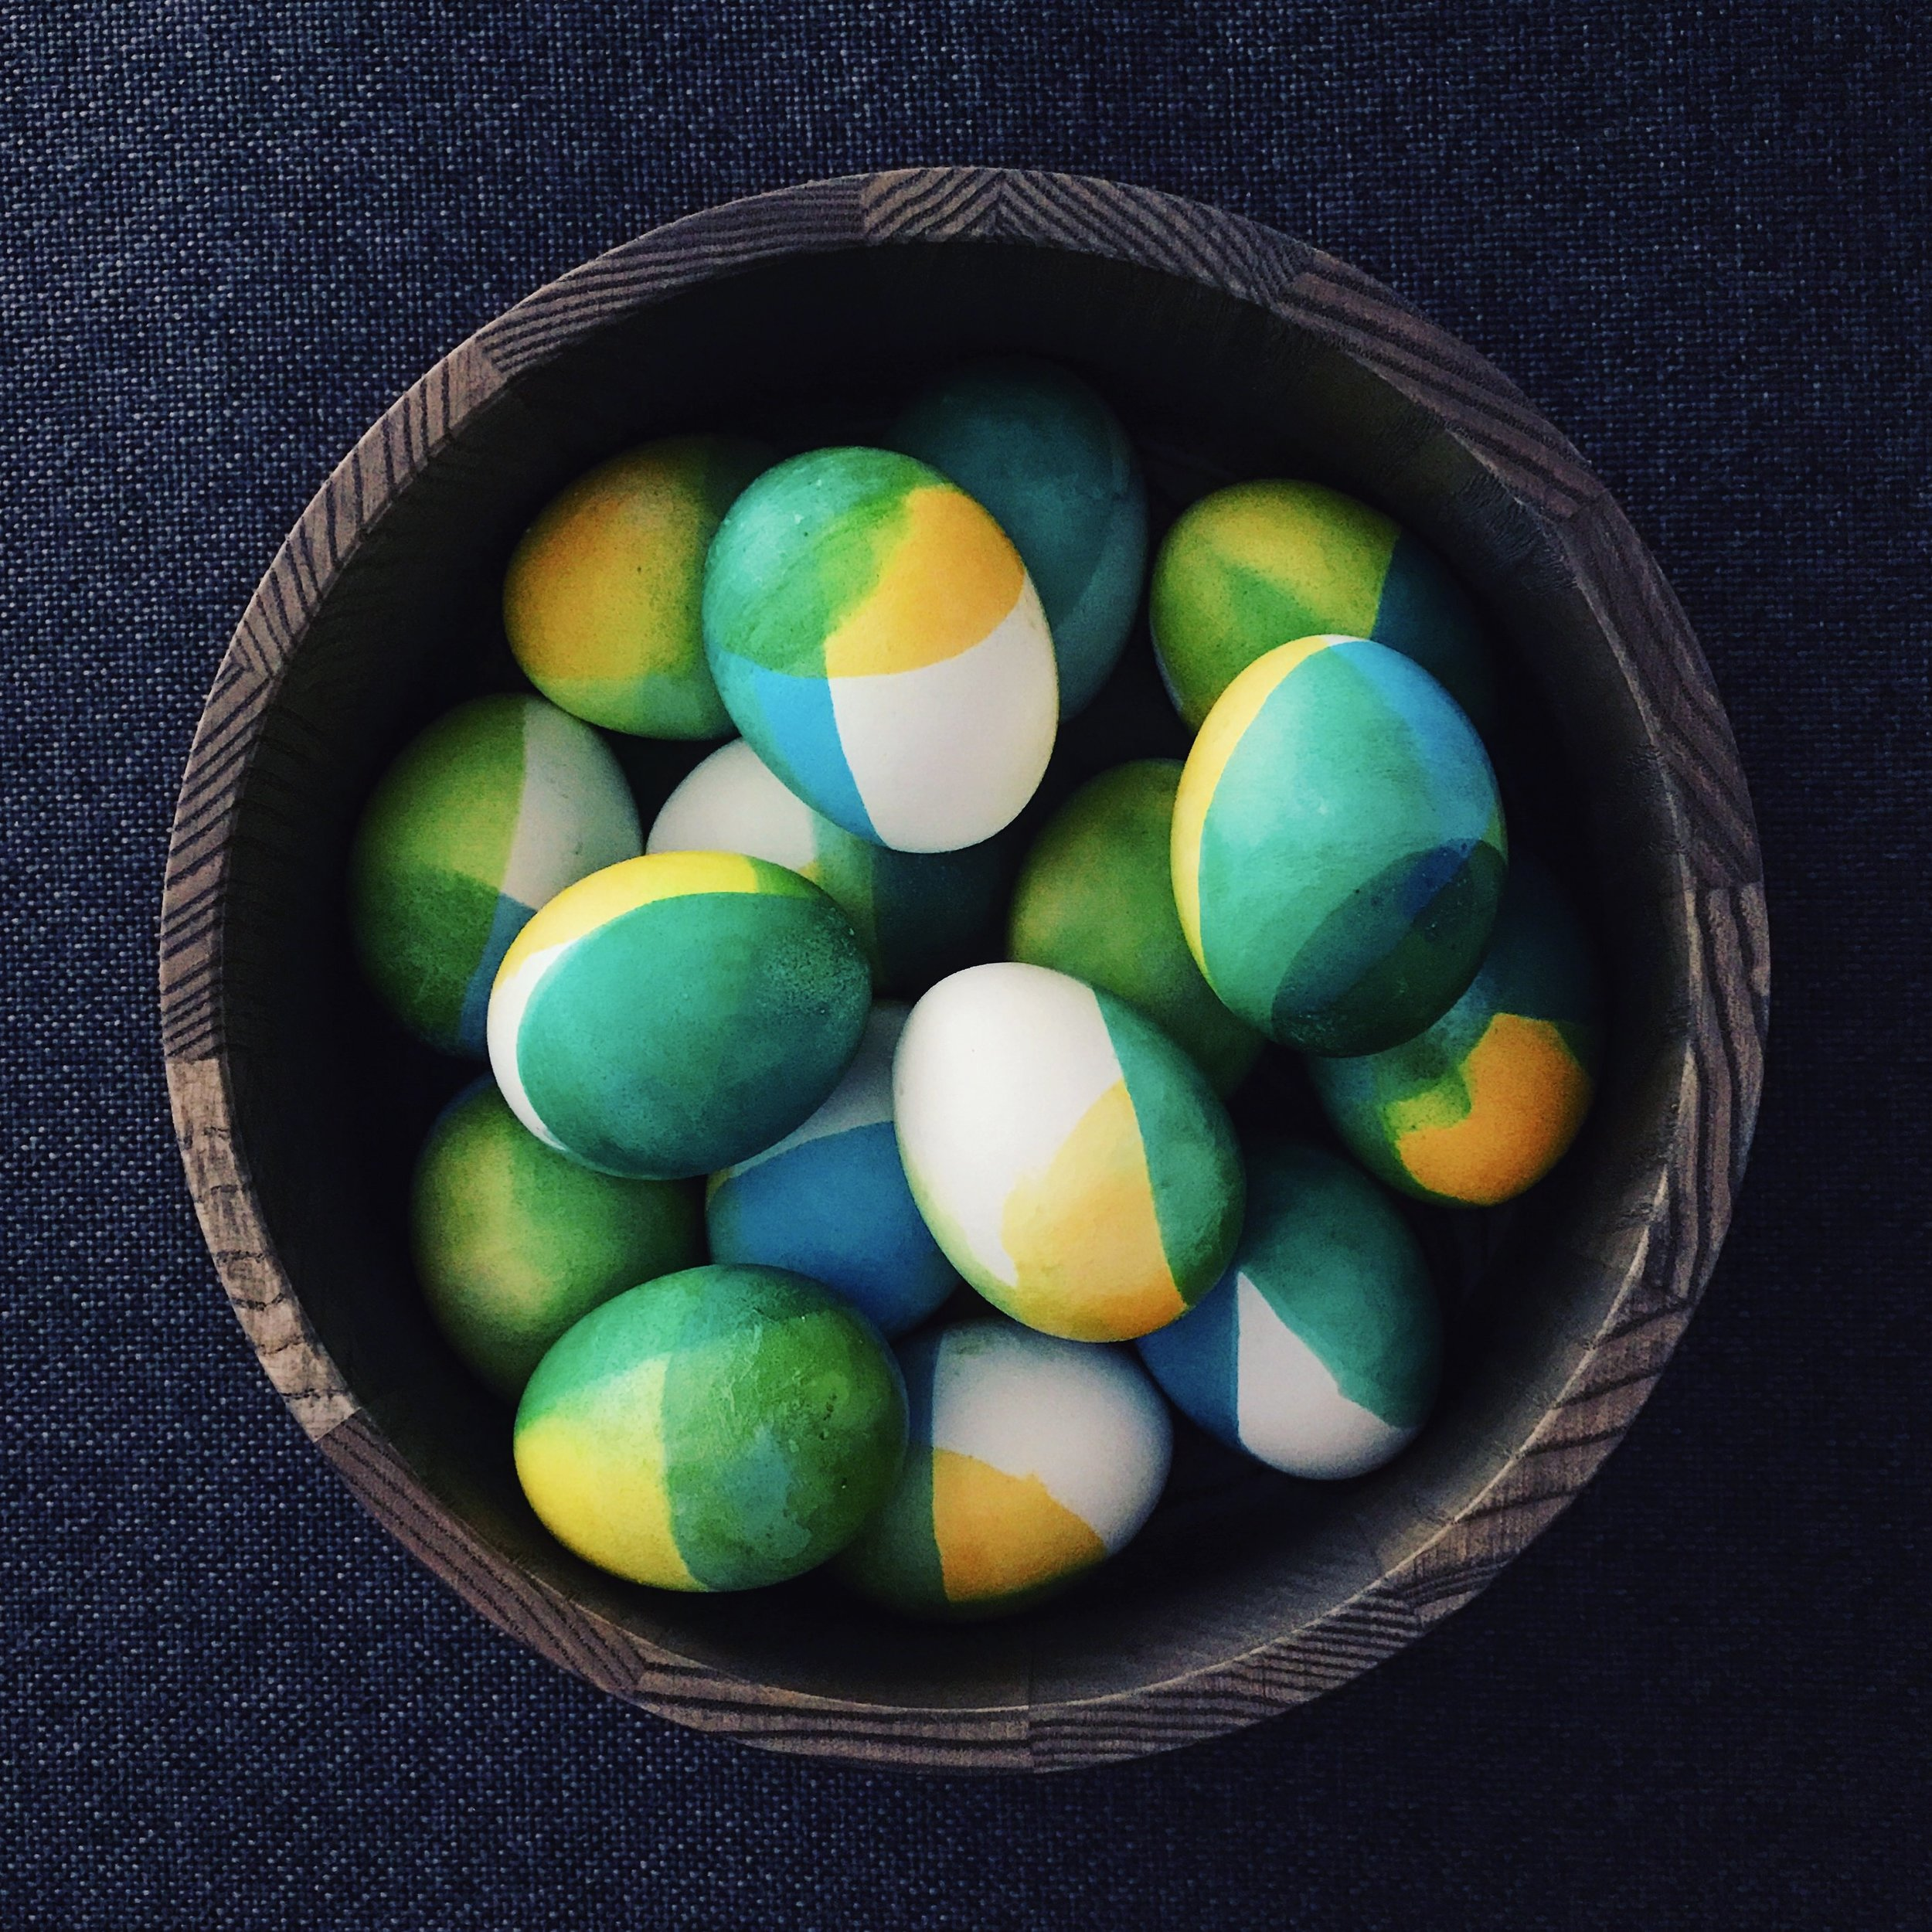 Chromatic Easter Eggs | RafaellaSargi.com